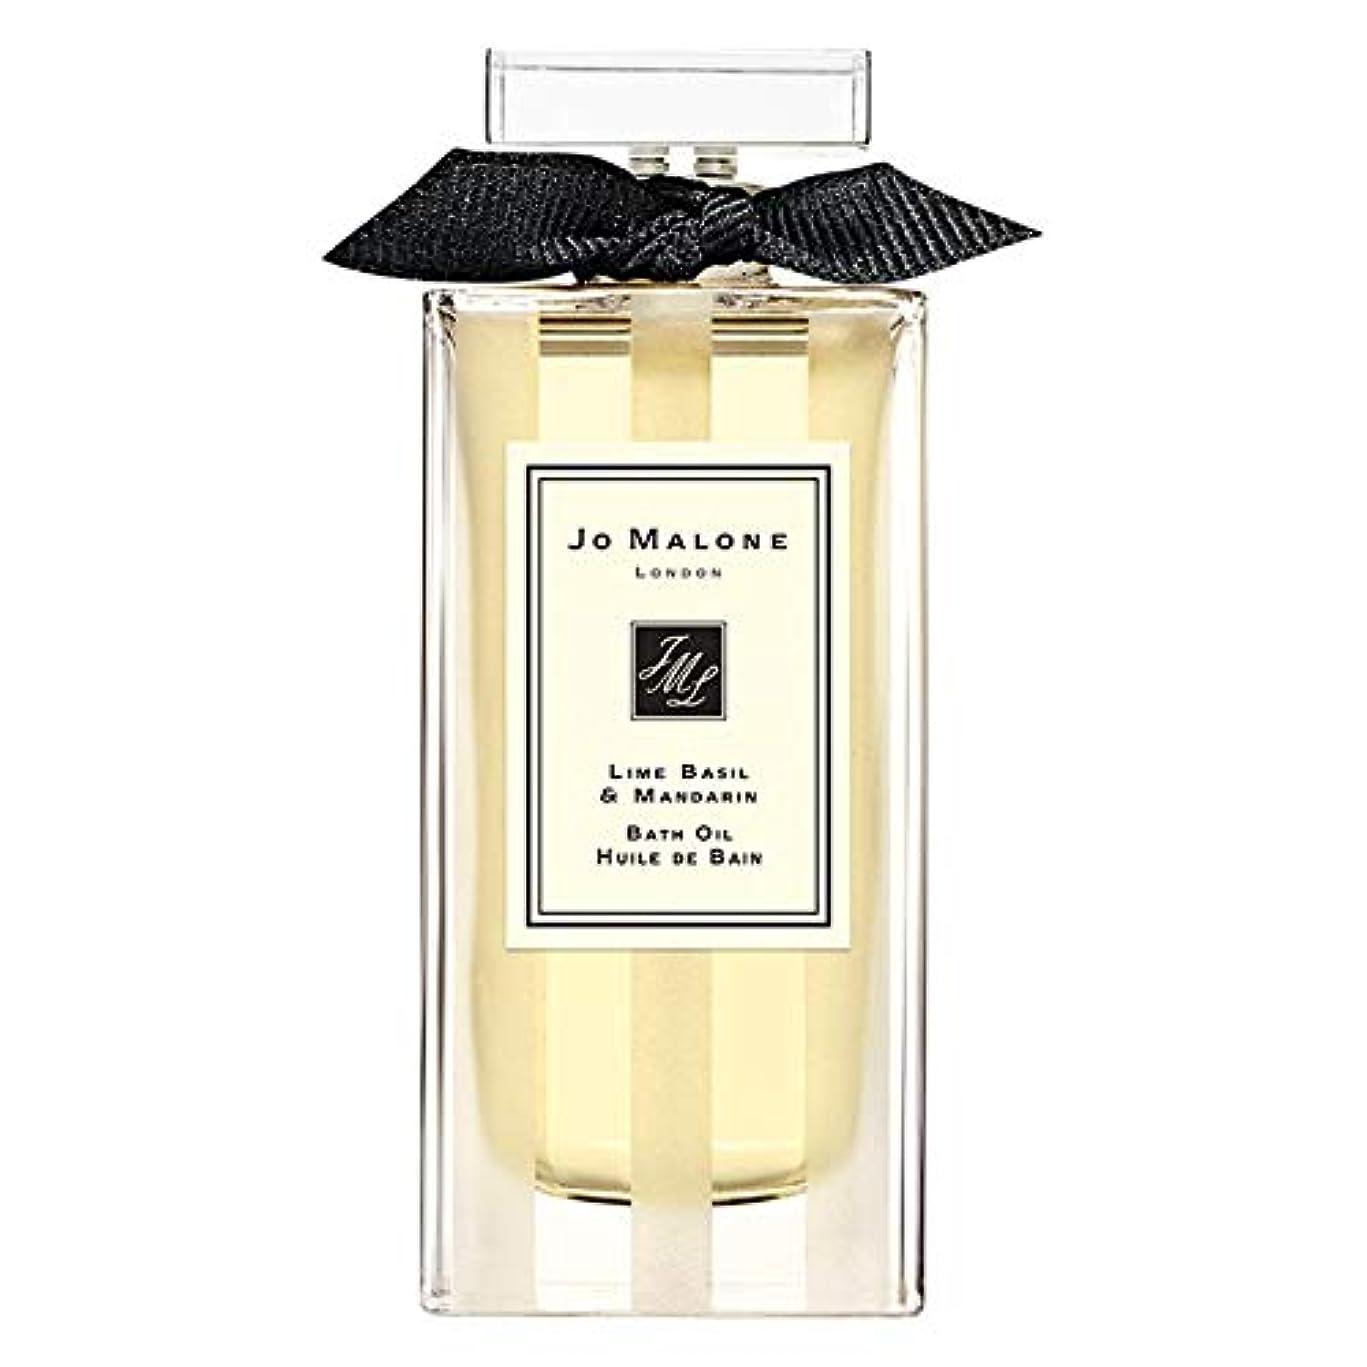 タール確かめるオーロック[Jo Malone ] ジョーマローンロンドンライムバジル&マンダリンバスオイル30ミリリットル - Jo Malone London Lime Basil & Mandarin Bath Oil 30ml [並行輸入品]